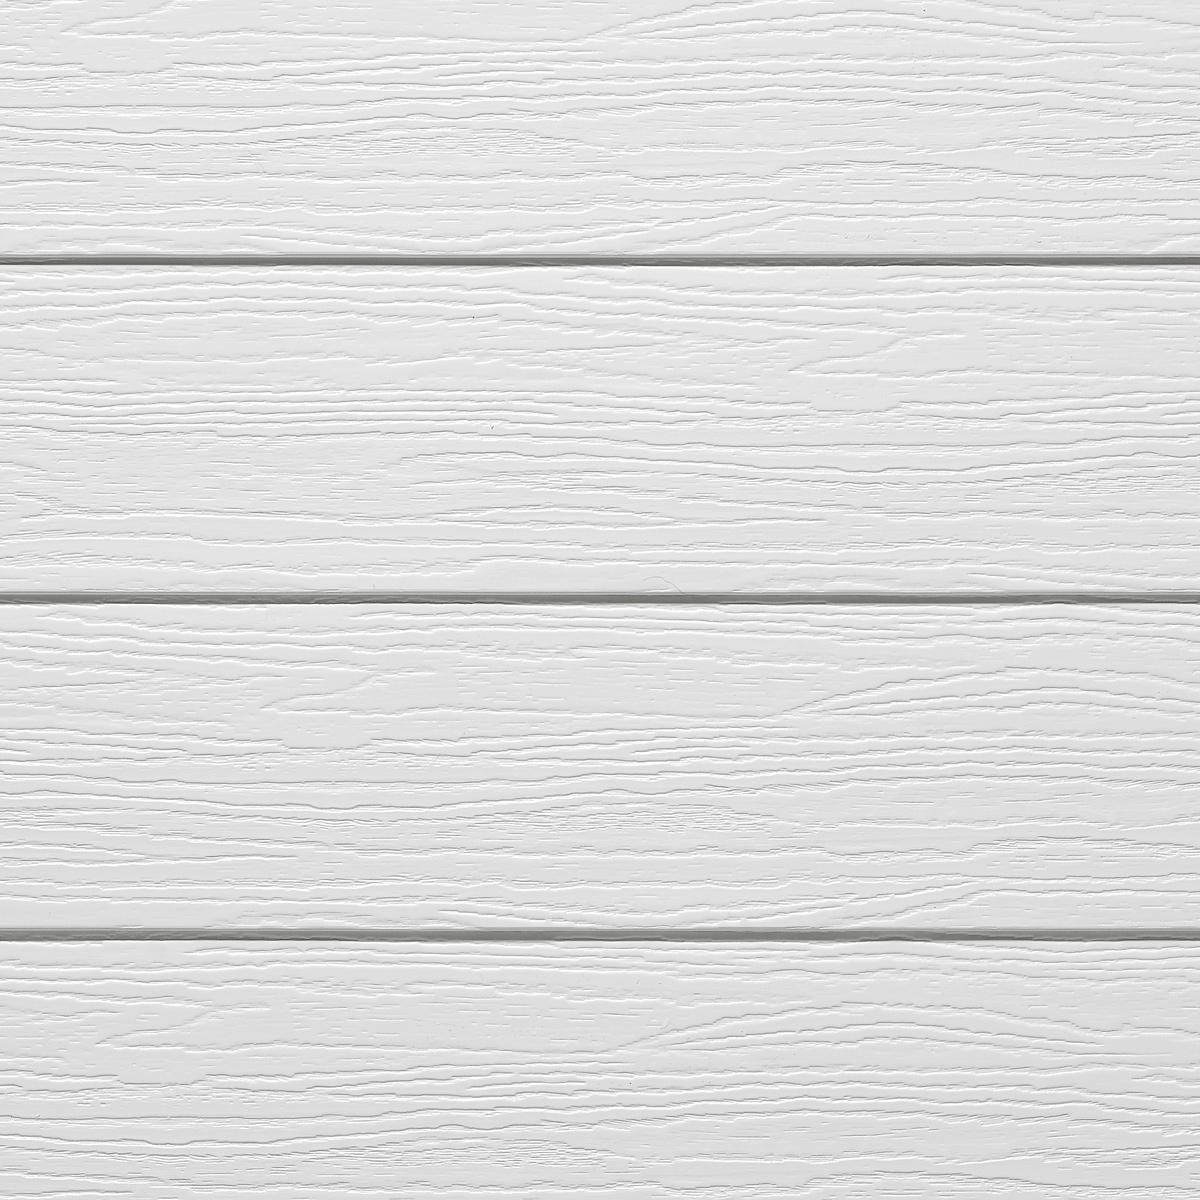 Produit Nettoyage Bardage Pvc lambris extérieur blanc en pvc 240 x 17 x 0,6 cm 6 pièces dumaclin -  mr.bricolage